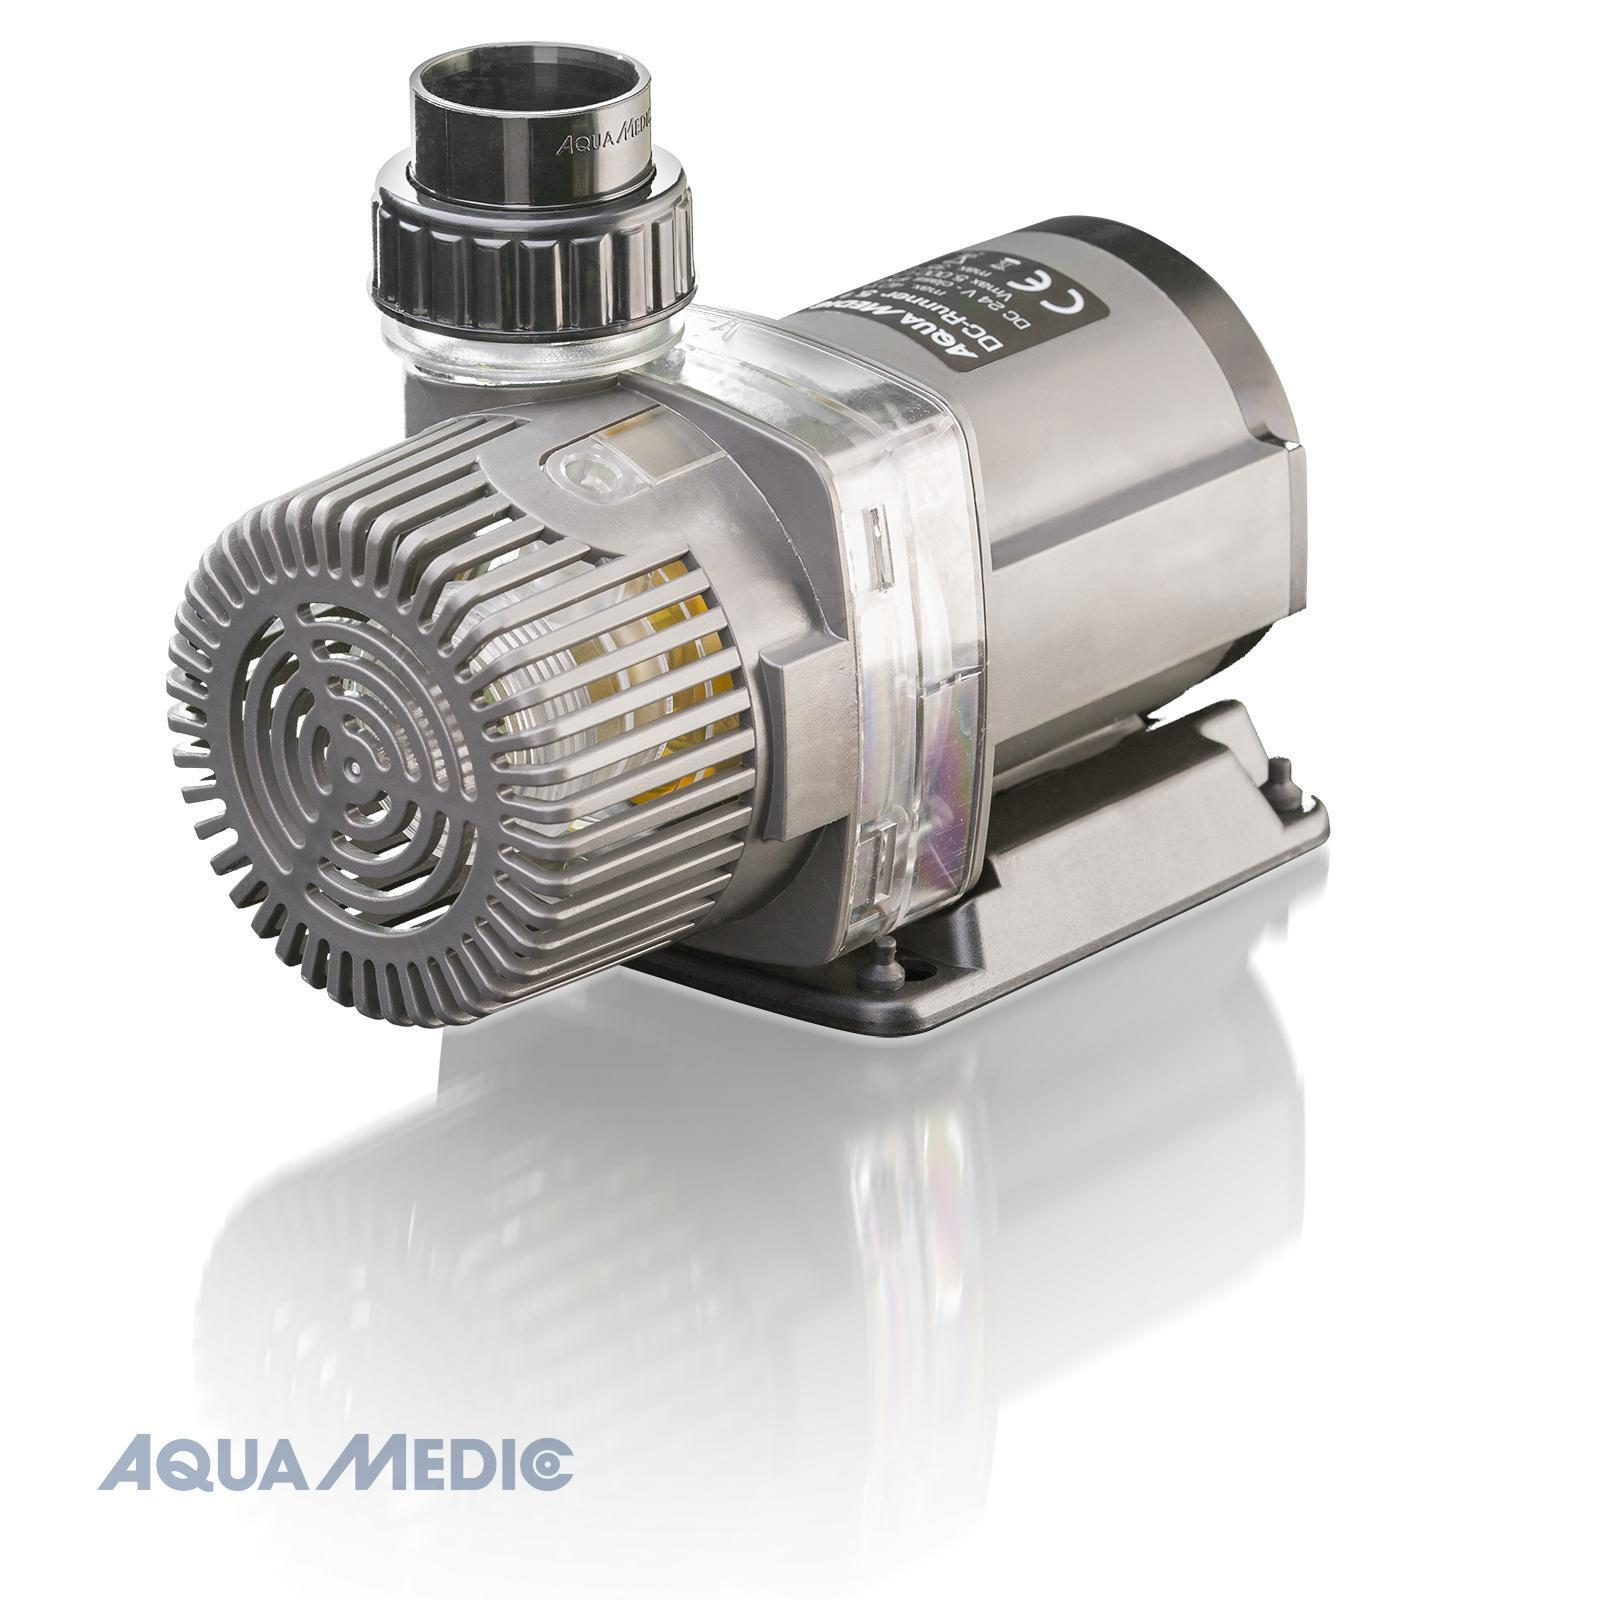 Aqua MEDIC DC RUNNER 3.2 UNIVERSAL POMPA ACQUA DI MARE REGOLABILI ACQUARIO DIMMERABILE